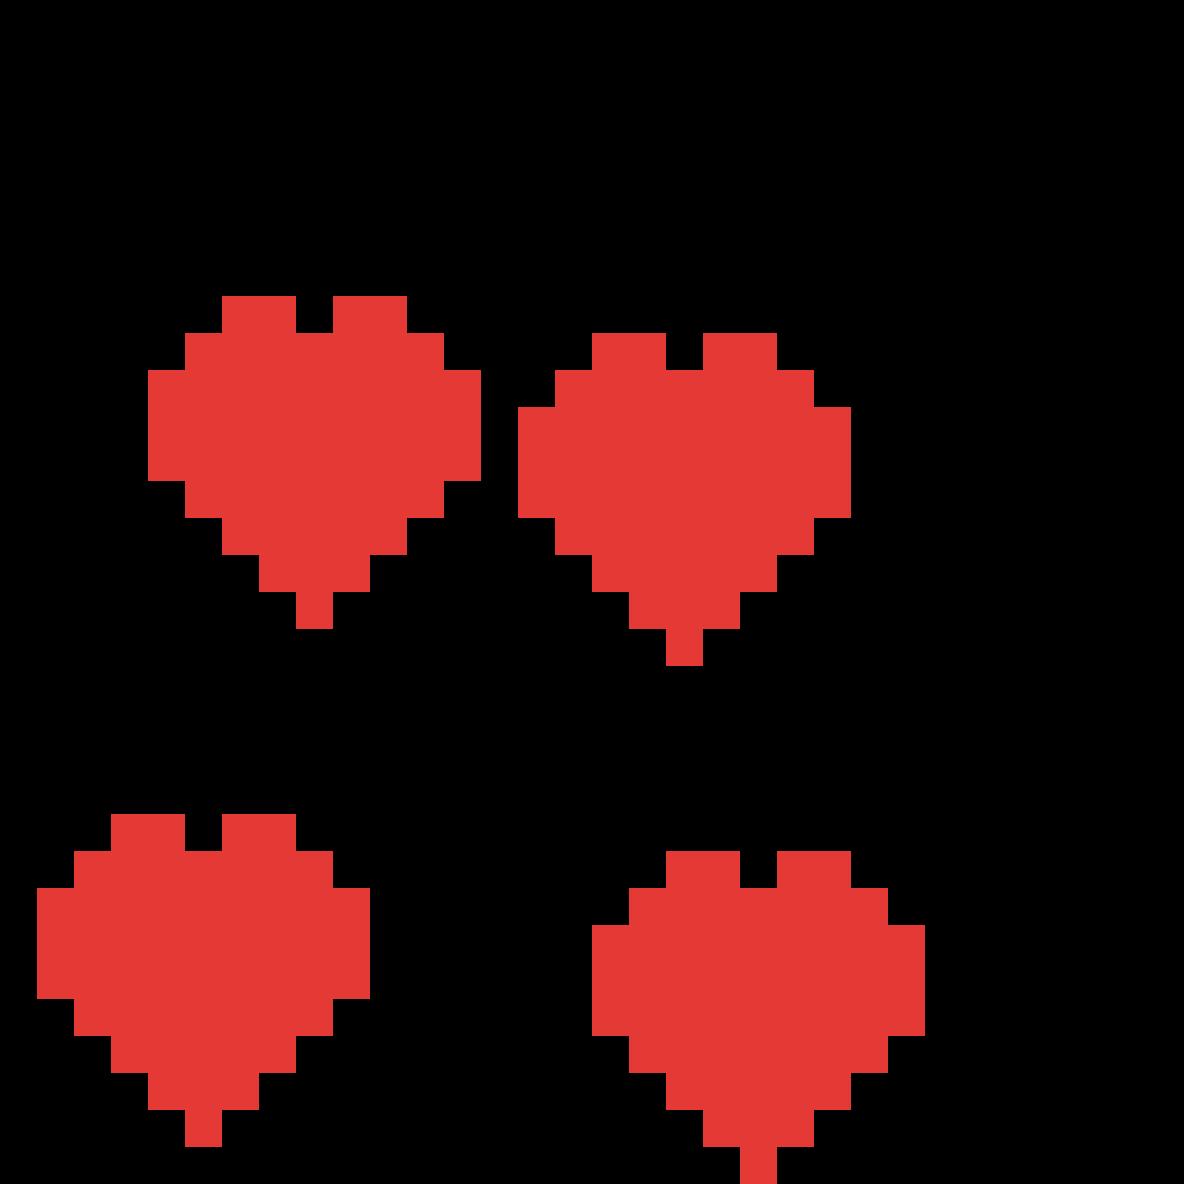 hearts by jullaindeegan